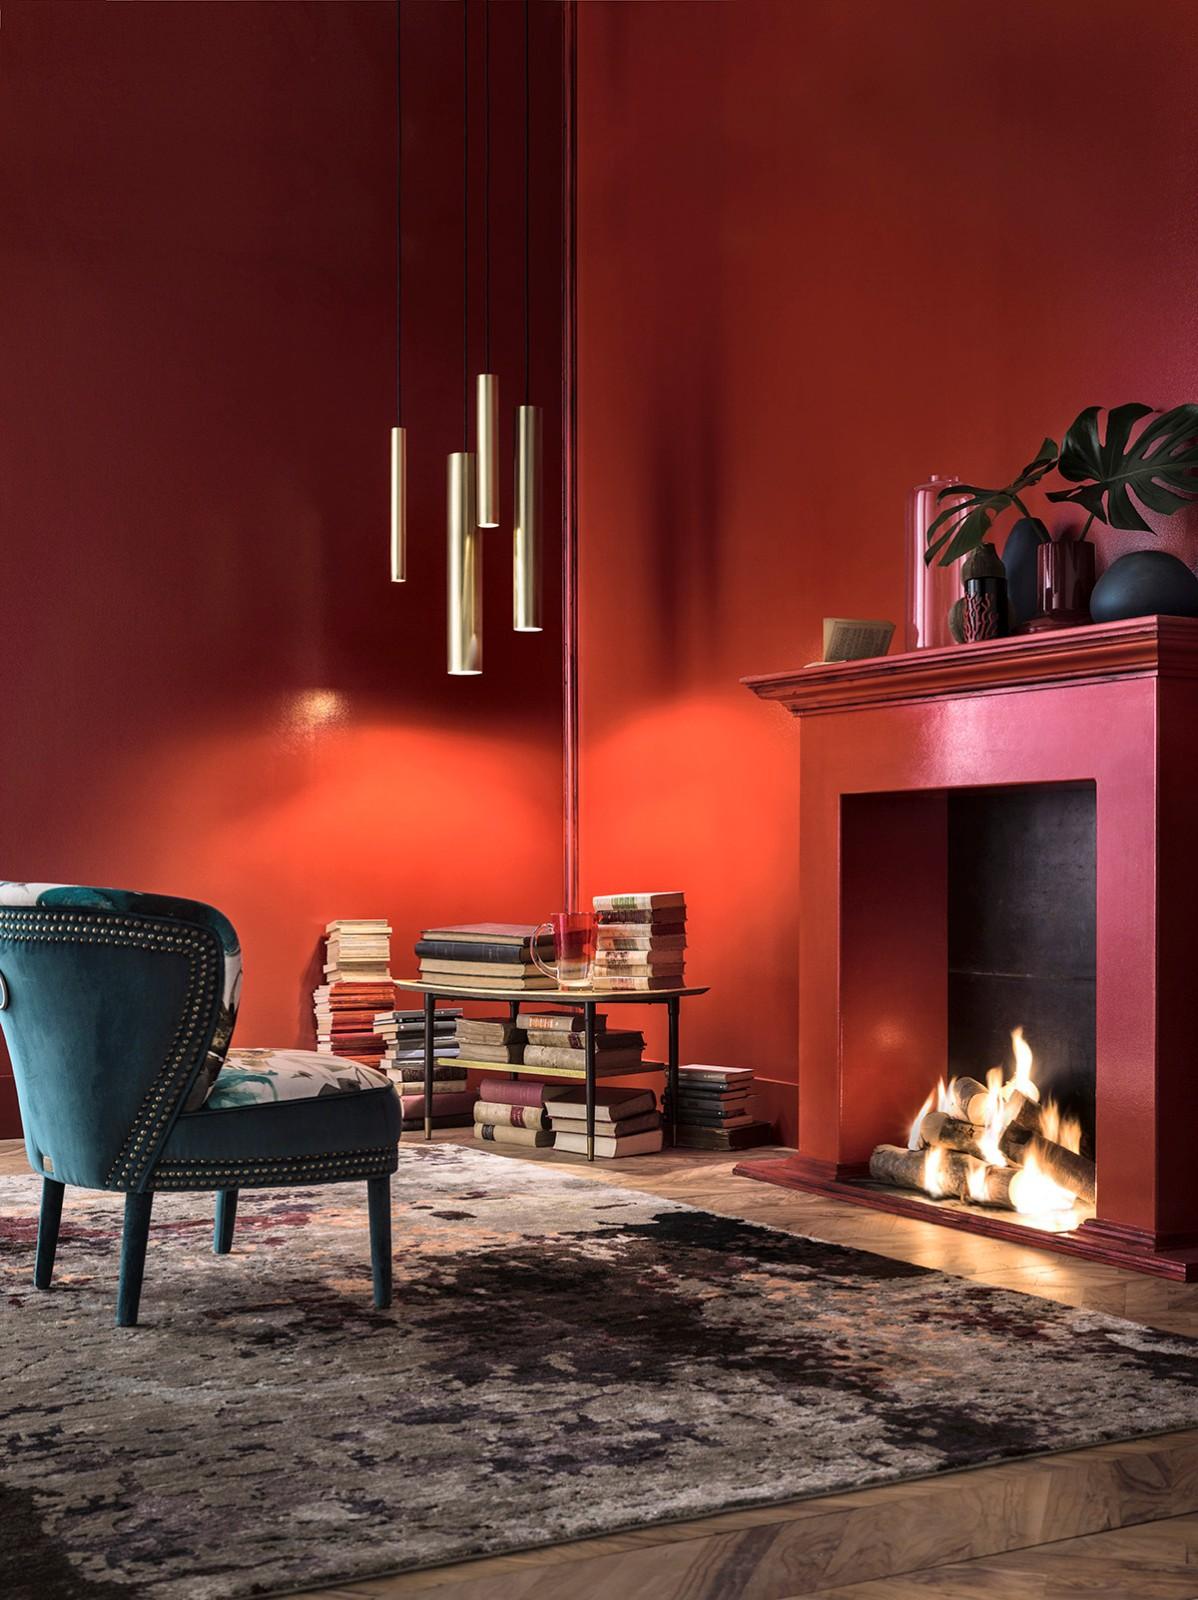 ©Varianti per Il Fanale - lampada serie Girasoli sospensione ottone